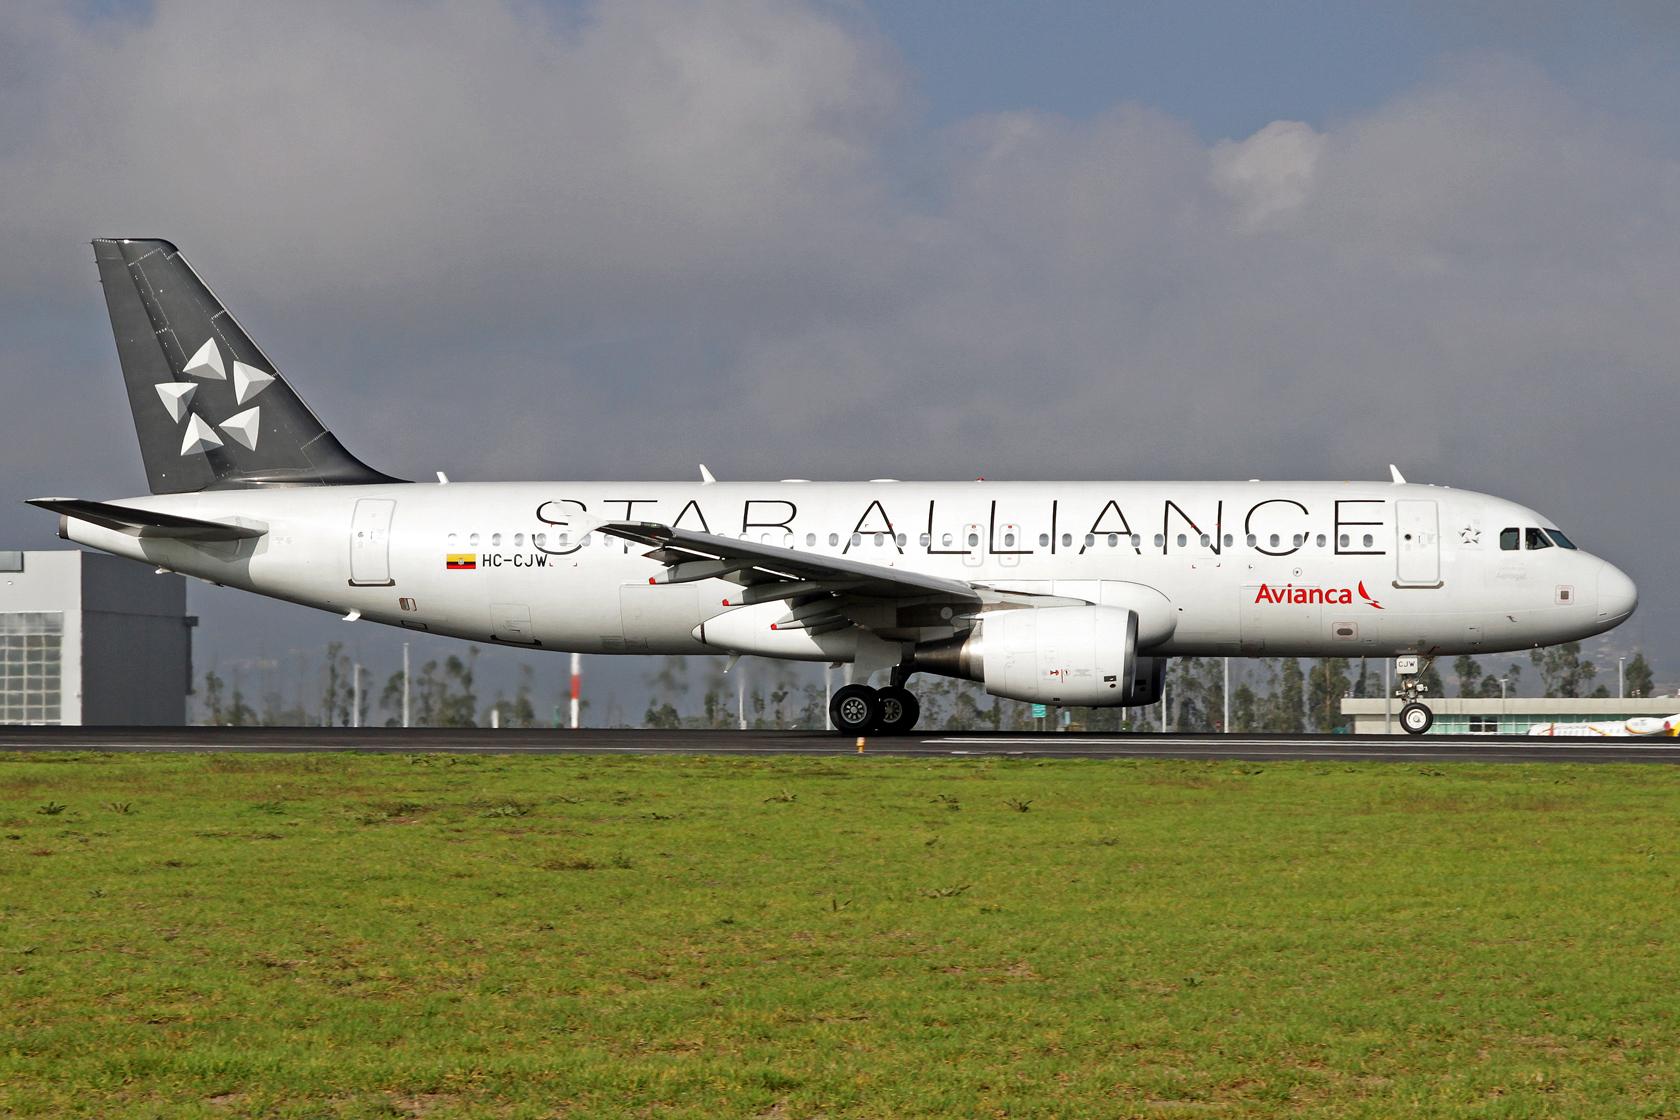 Avianca Ecuador Airbus A320-214 HC-CJW - Durch die kolumbianische Muttergesellschaft ist die Tochter auch Star Alliance Mitglied und zeigt dies stolz mit diesem Airbus.